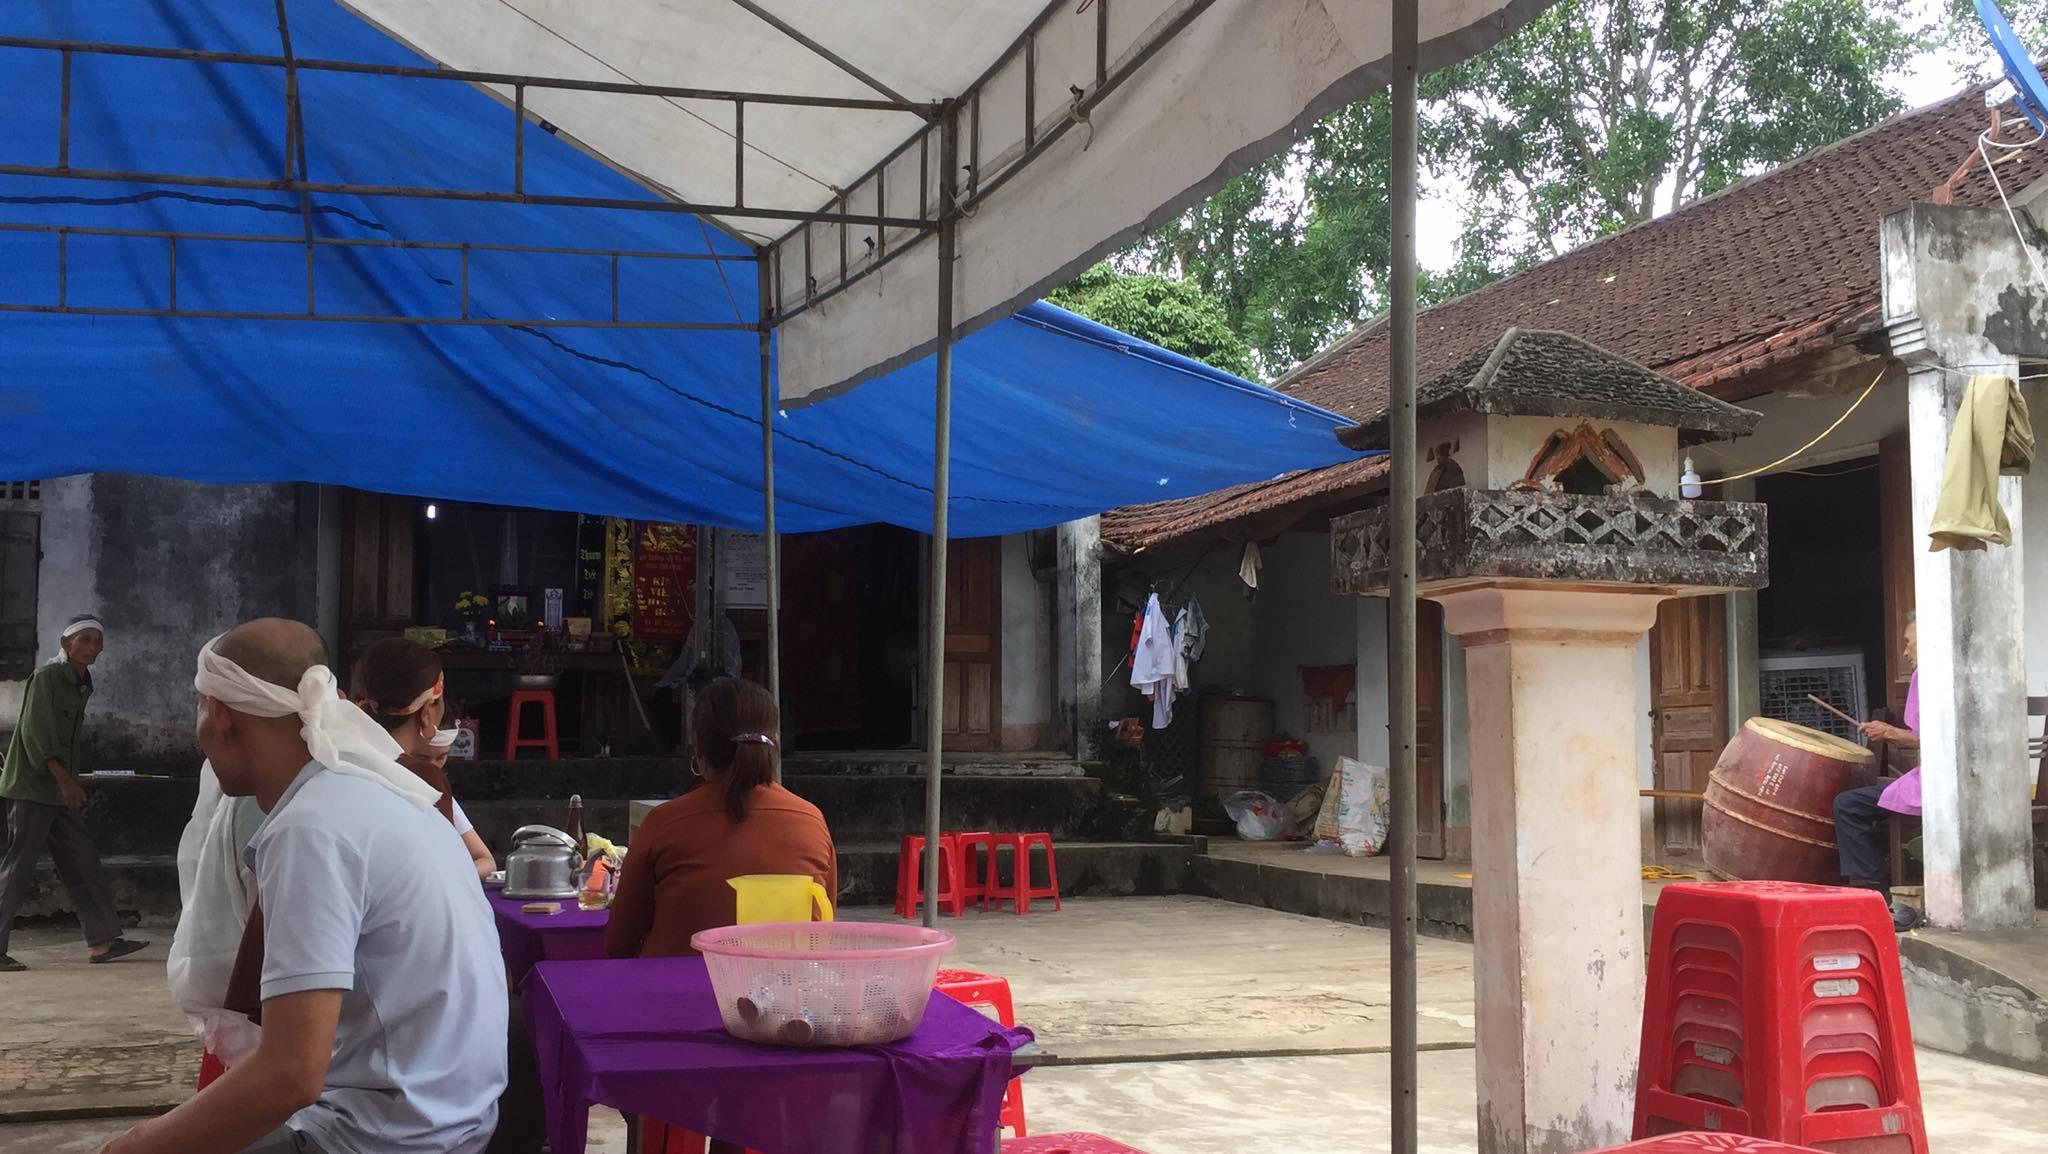 Vụ con trai 41 tuổi đâm mẹ tử vong rồi tự sát ở Nghệ An: Hai mẹ con thường xuyên cãi nhau - Ảnh 1